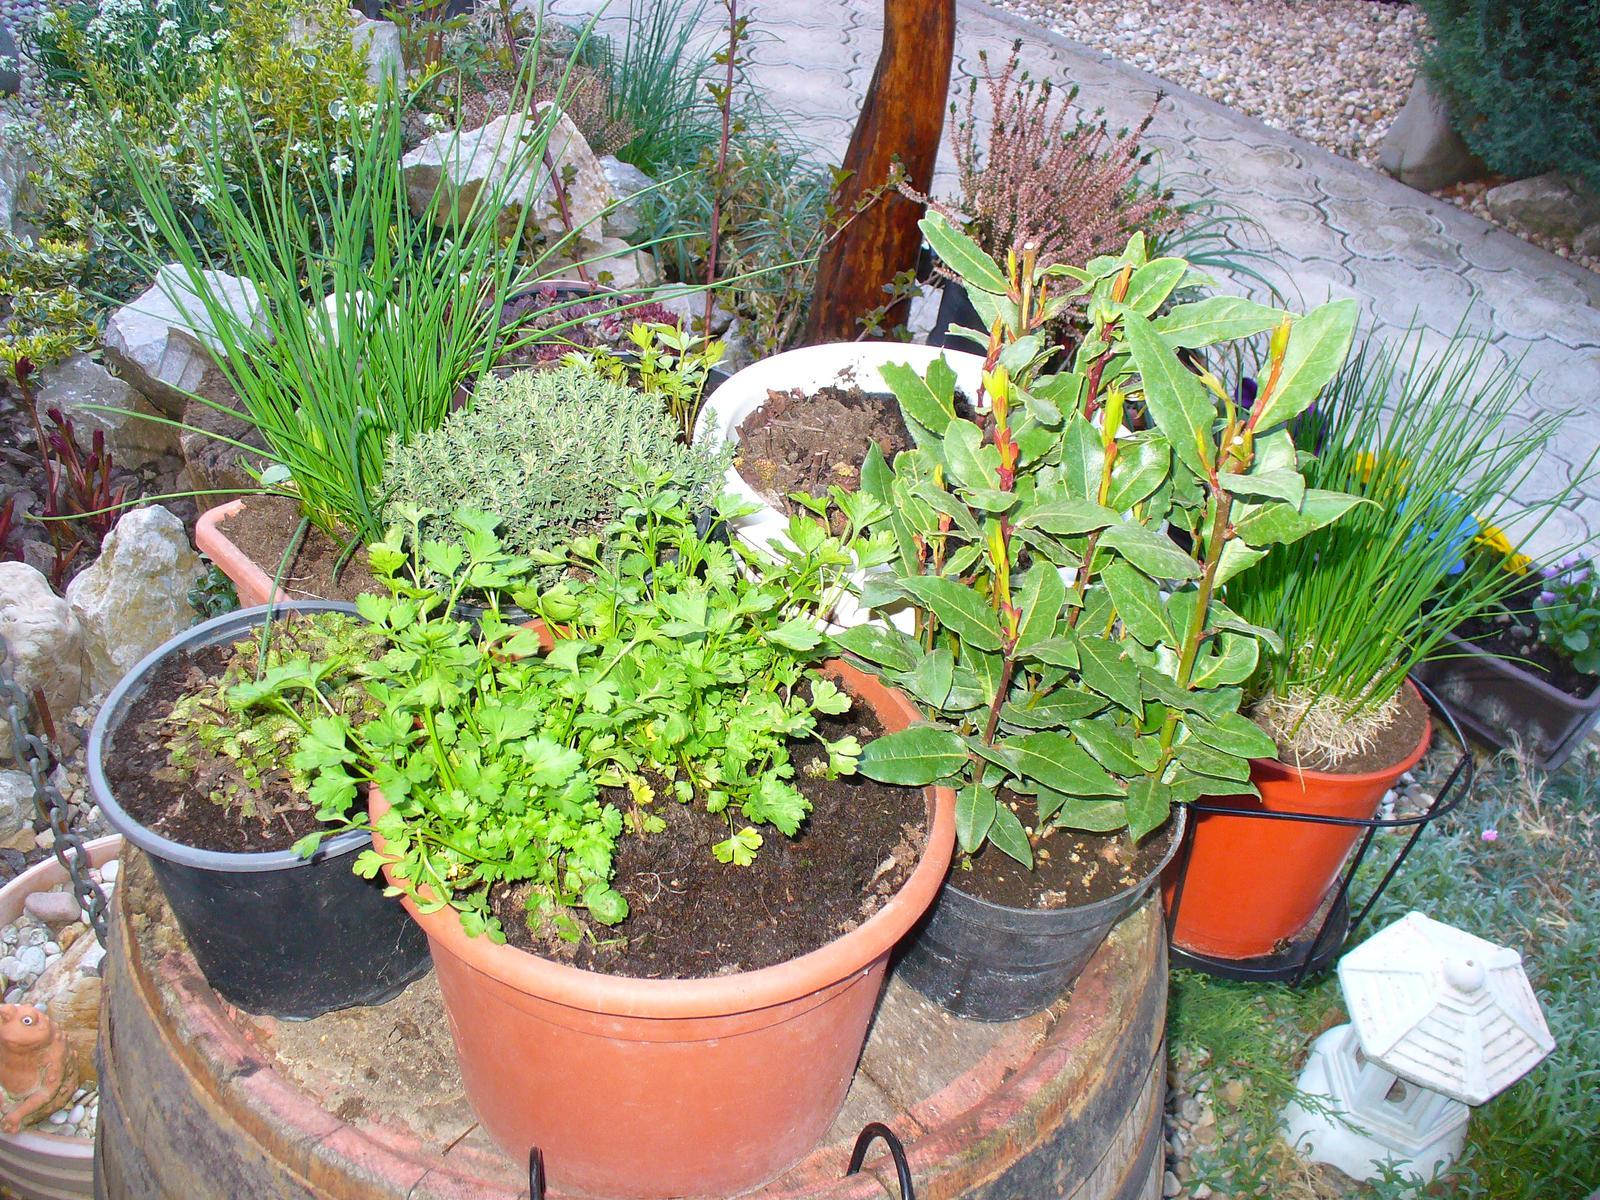 Prerábka, sadenie a úpravy v našej mini záhradke. - Moje bylinkovo